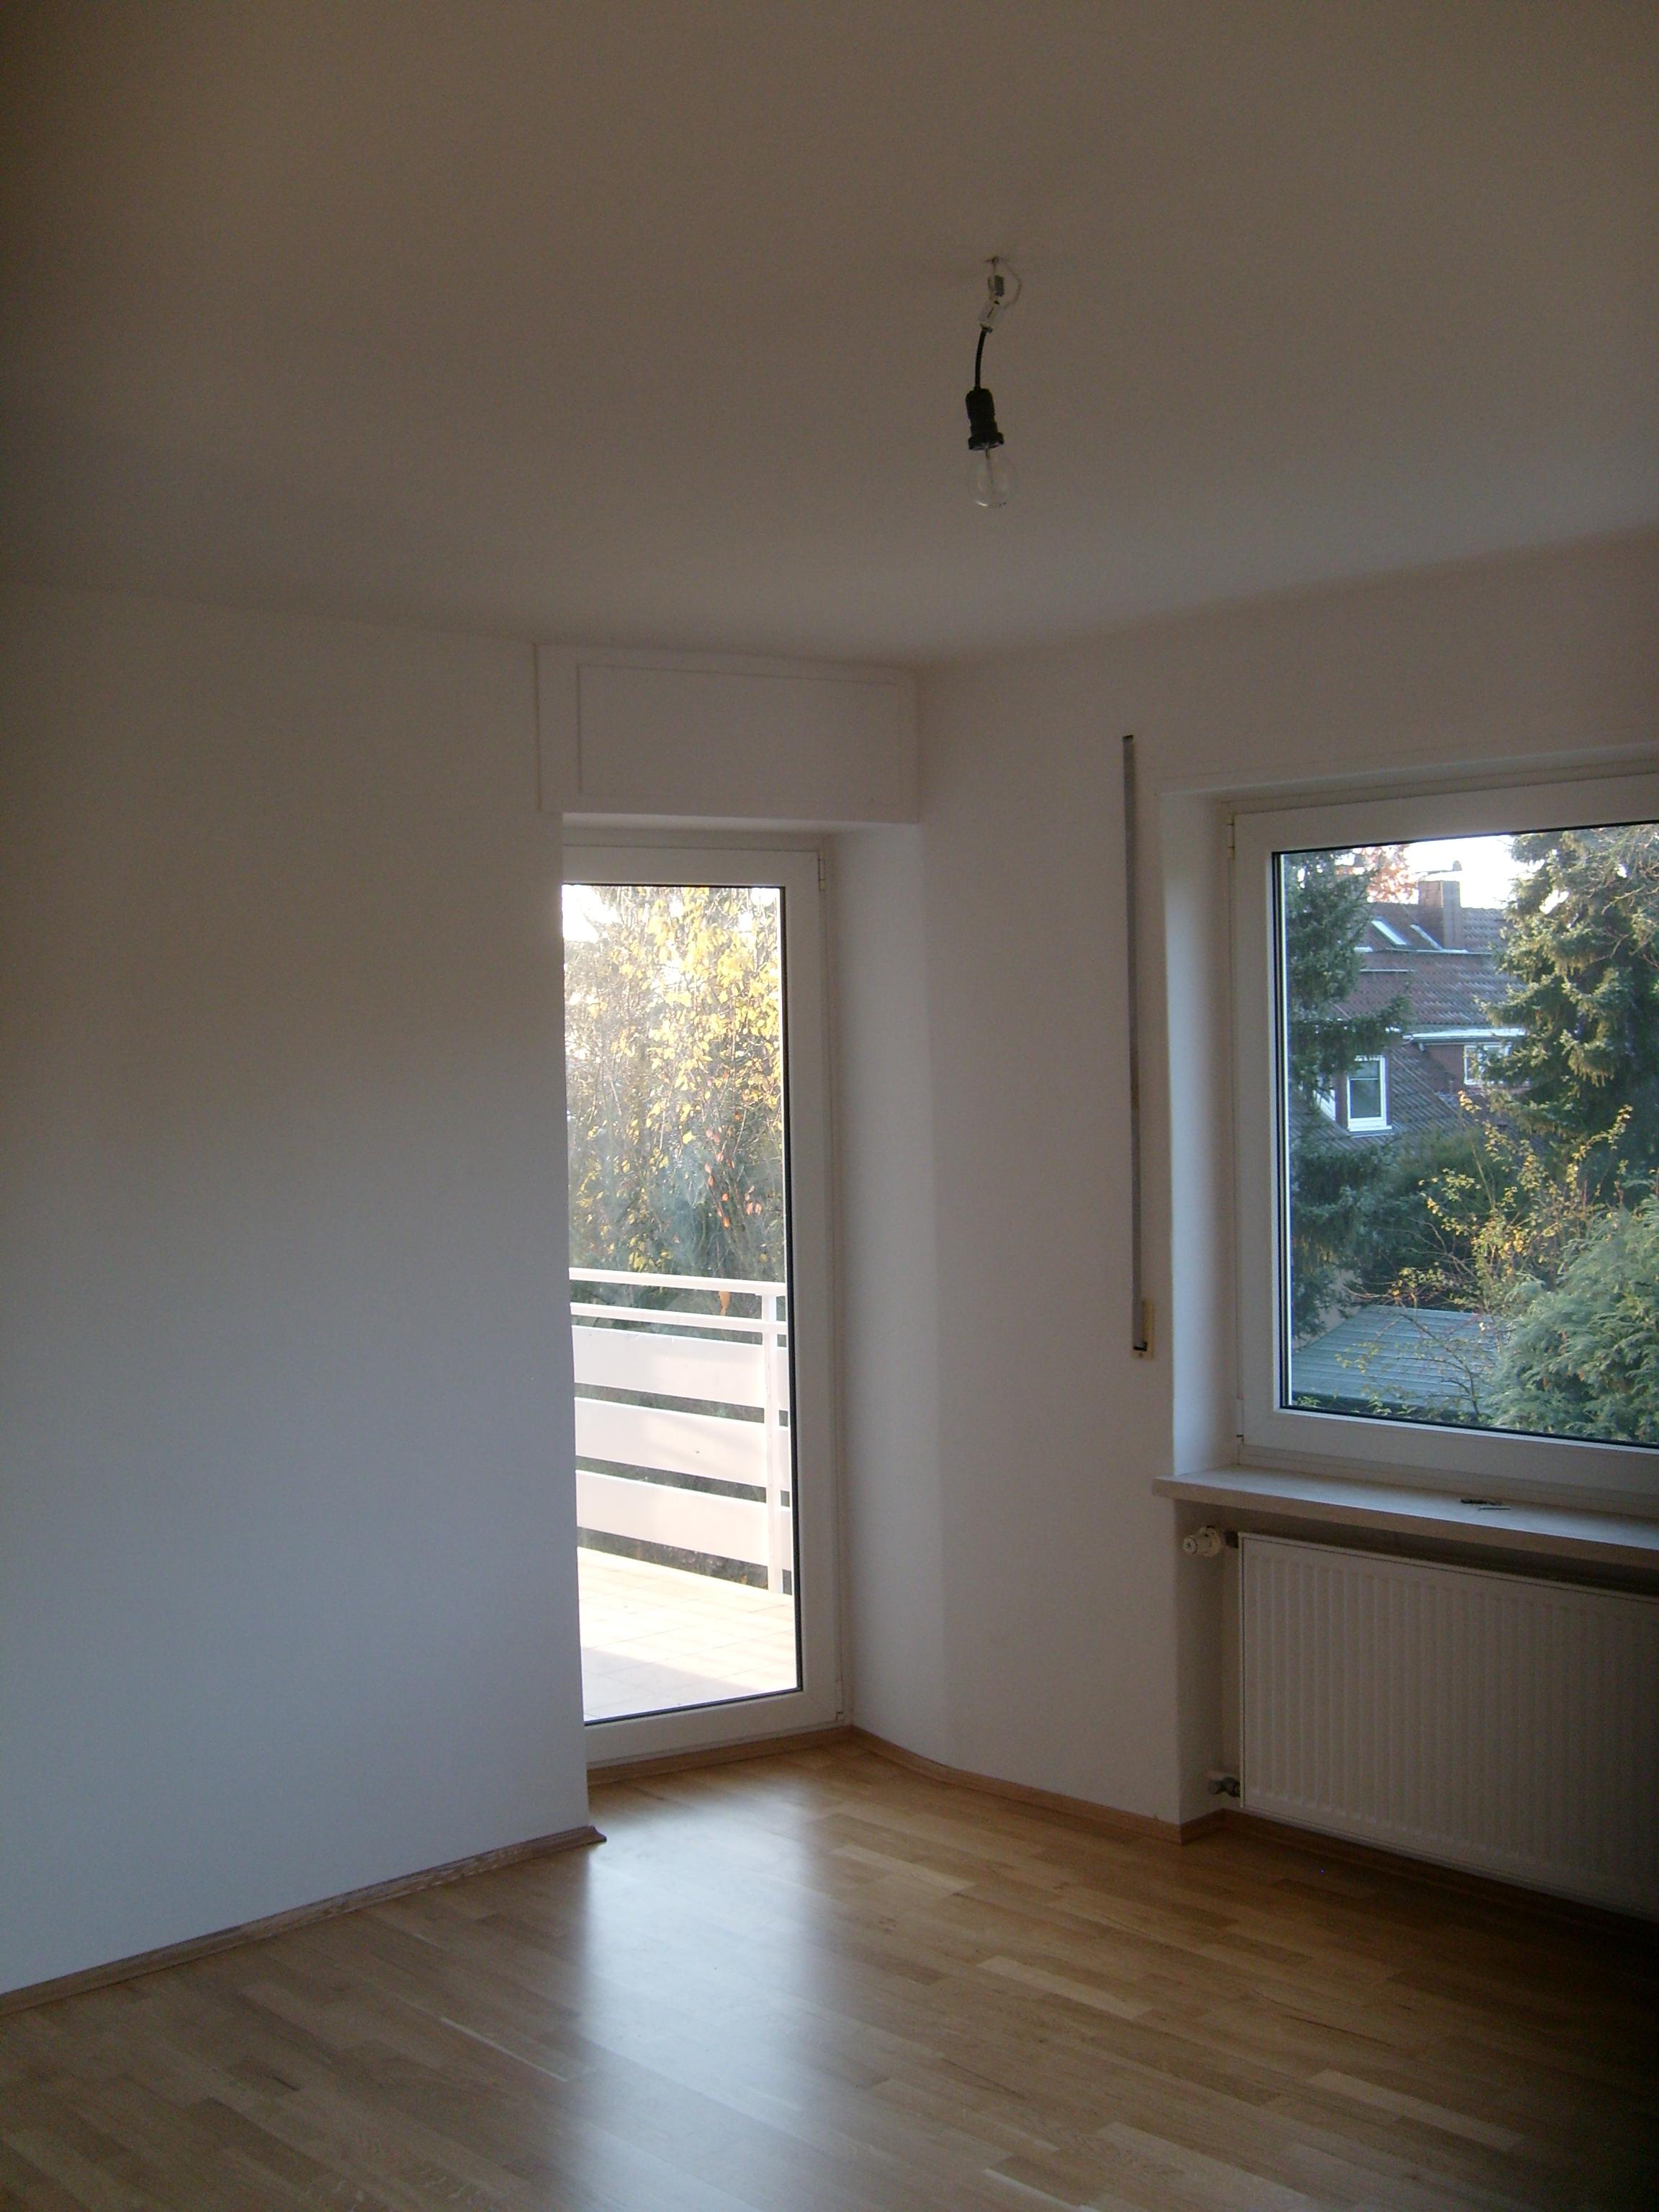 60qm weiss streichen angebot 500 euro in frankfurt m. Black Bedroom Furniture Sets. Home Design Ideas